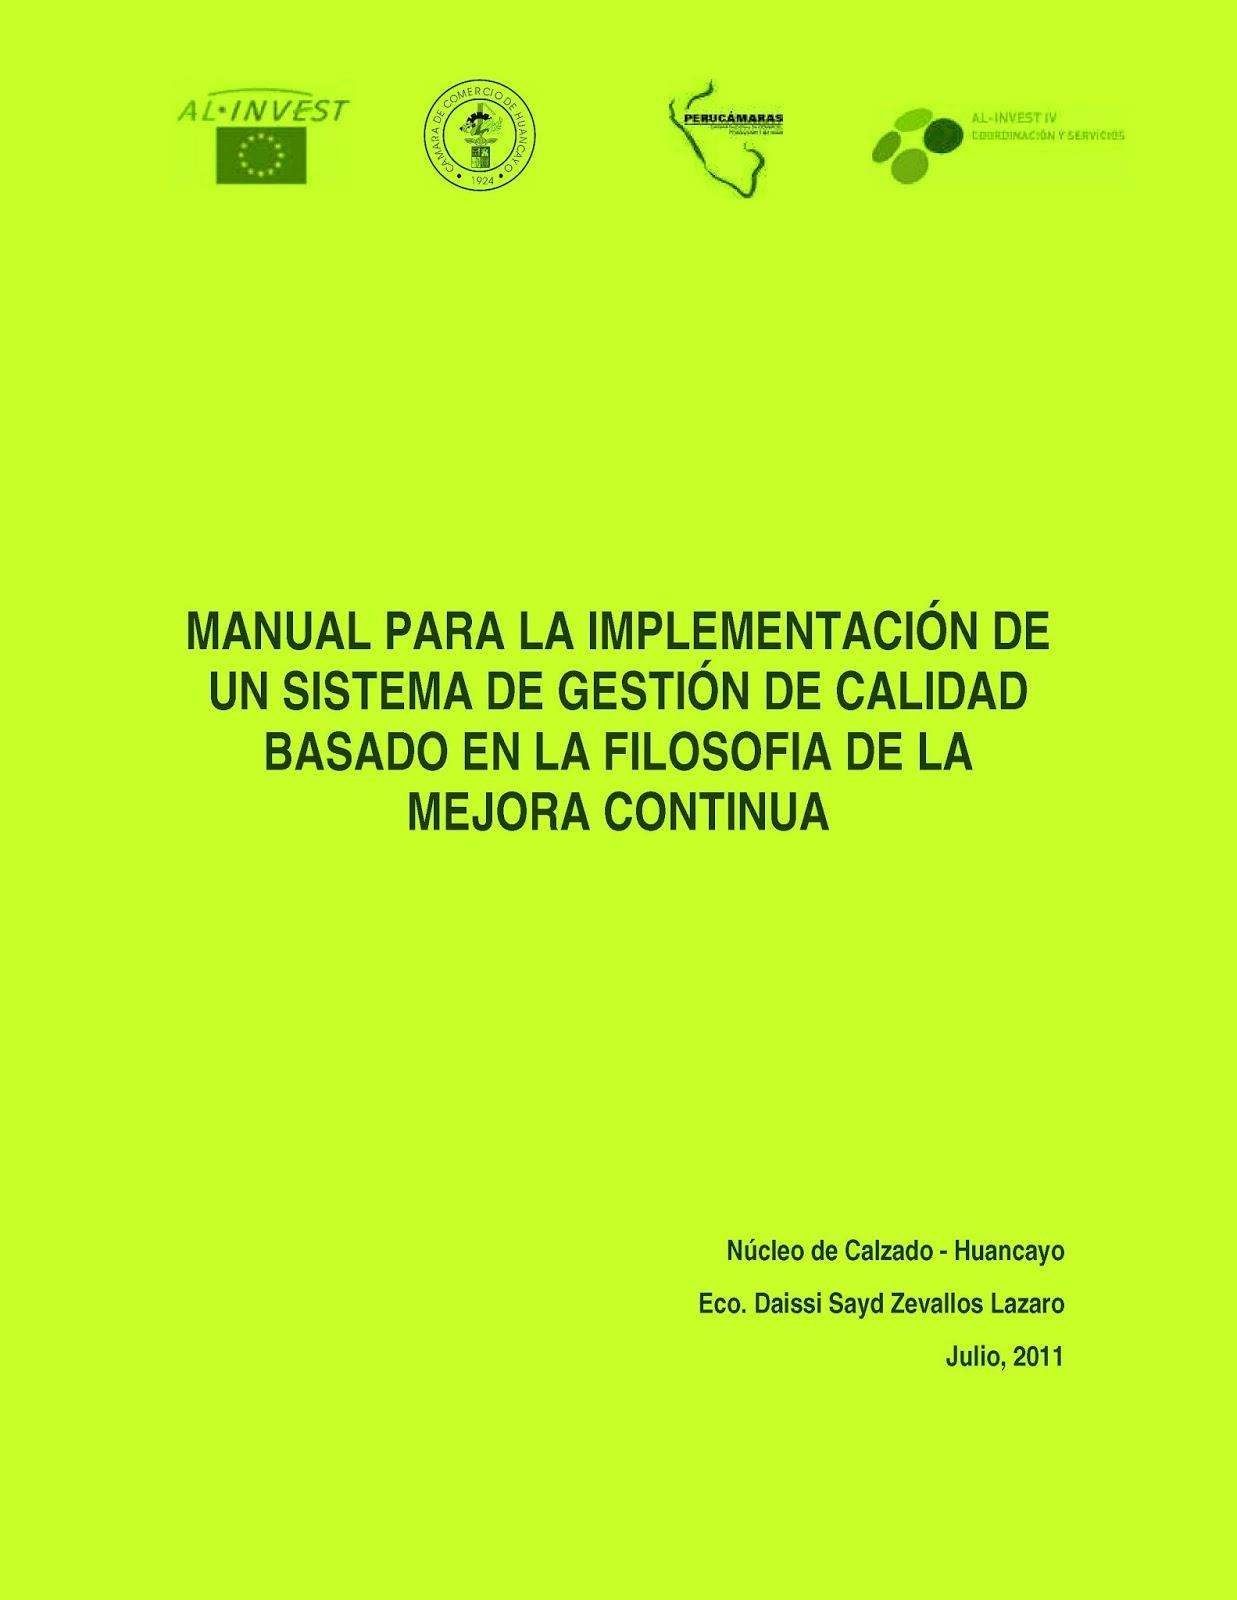 Manual para la implementación de un sistema de gestión de calidad basado en la filosofía de la mejora continua